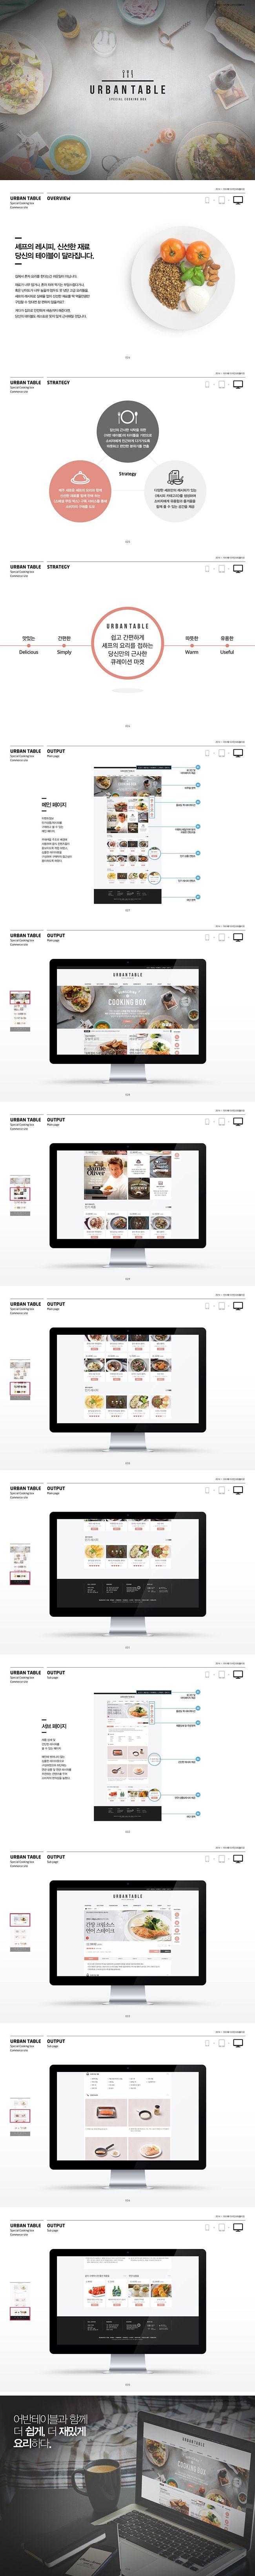 URBAN TABLE 쉽고 간편하게 셰프의 요리를 접하는 당신만의 근사한 큐레이션 마켓 , 무채색을 주조로 배경에 사용하여 음식 컨텐츠들이 돋보이도록 작업한 웹페이지 수강 과정 WMGS 웹디자인 스페셜리스트 29기 수강생이름 이지혜